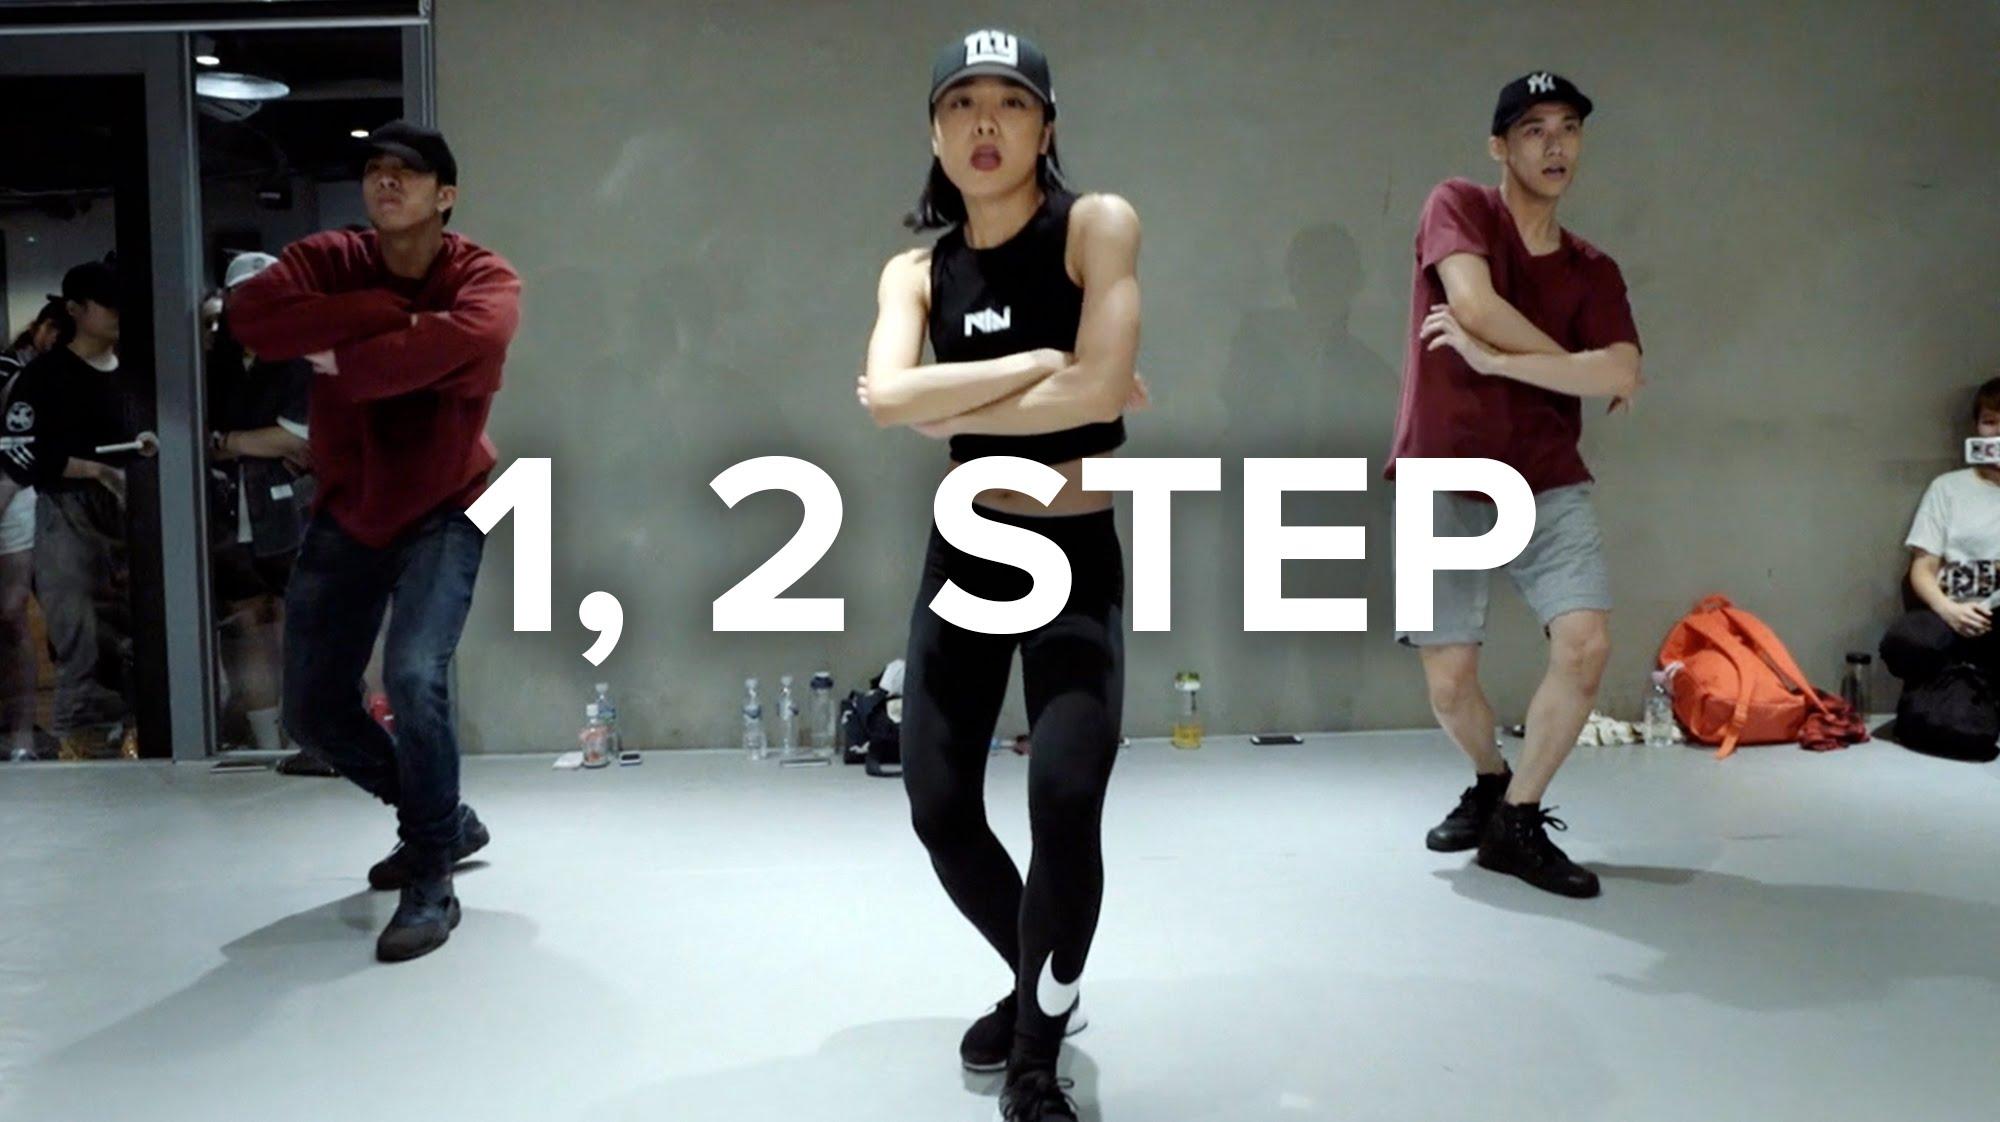 ダンス動画】1, 2 Step – Ciara ft. Missy Elliott / Beginners Class ...